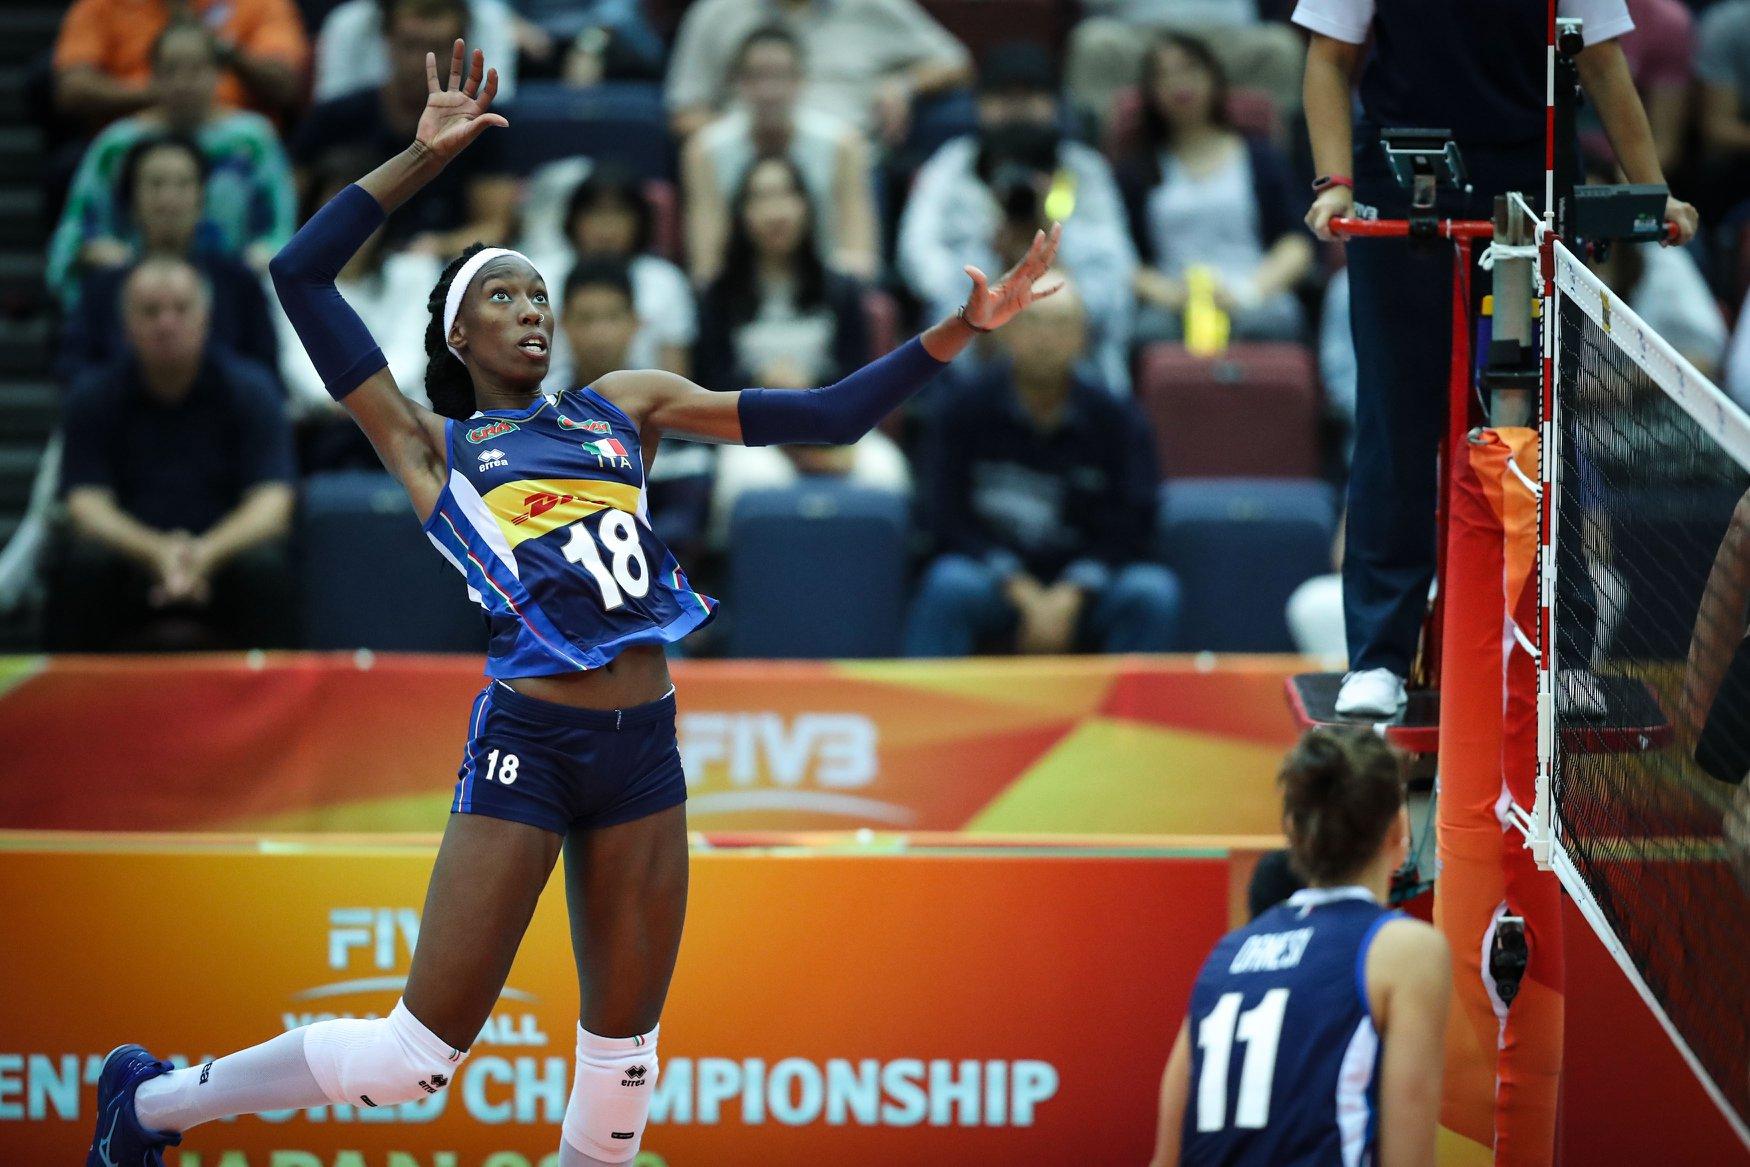 Volley, mondiali femminili 2018: l'Italia perde la finale con la Serbia. Non basta Paola Egonu.